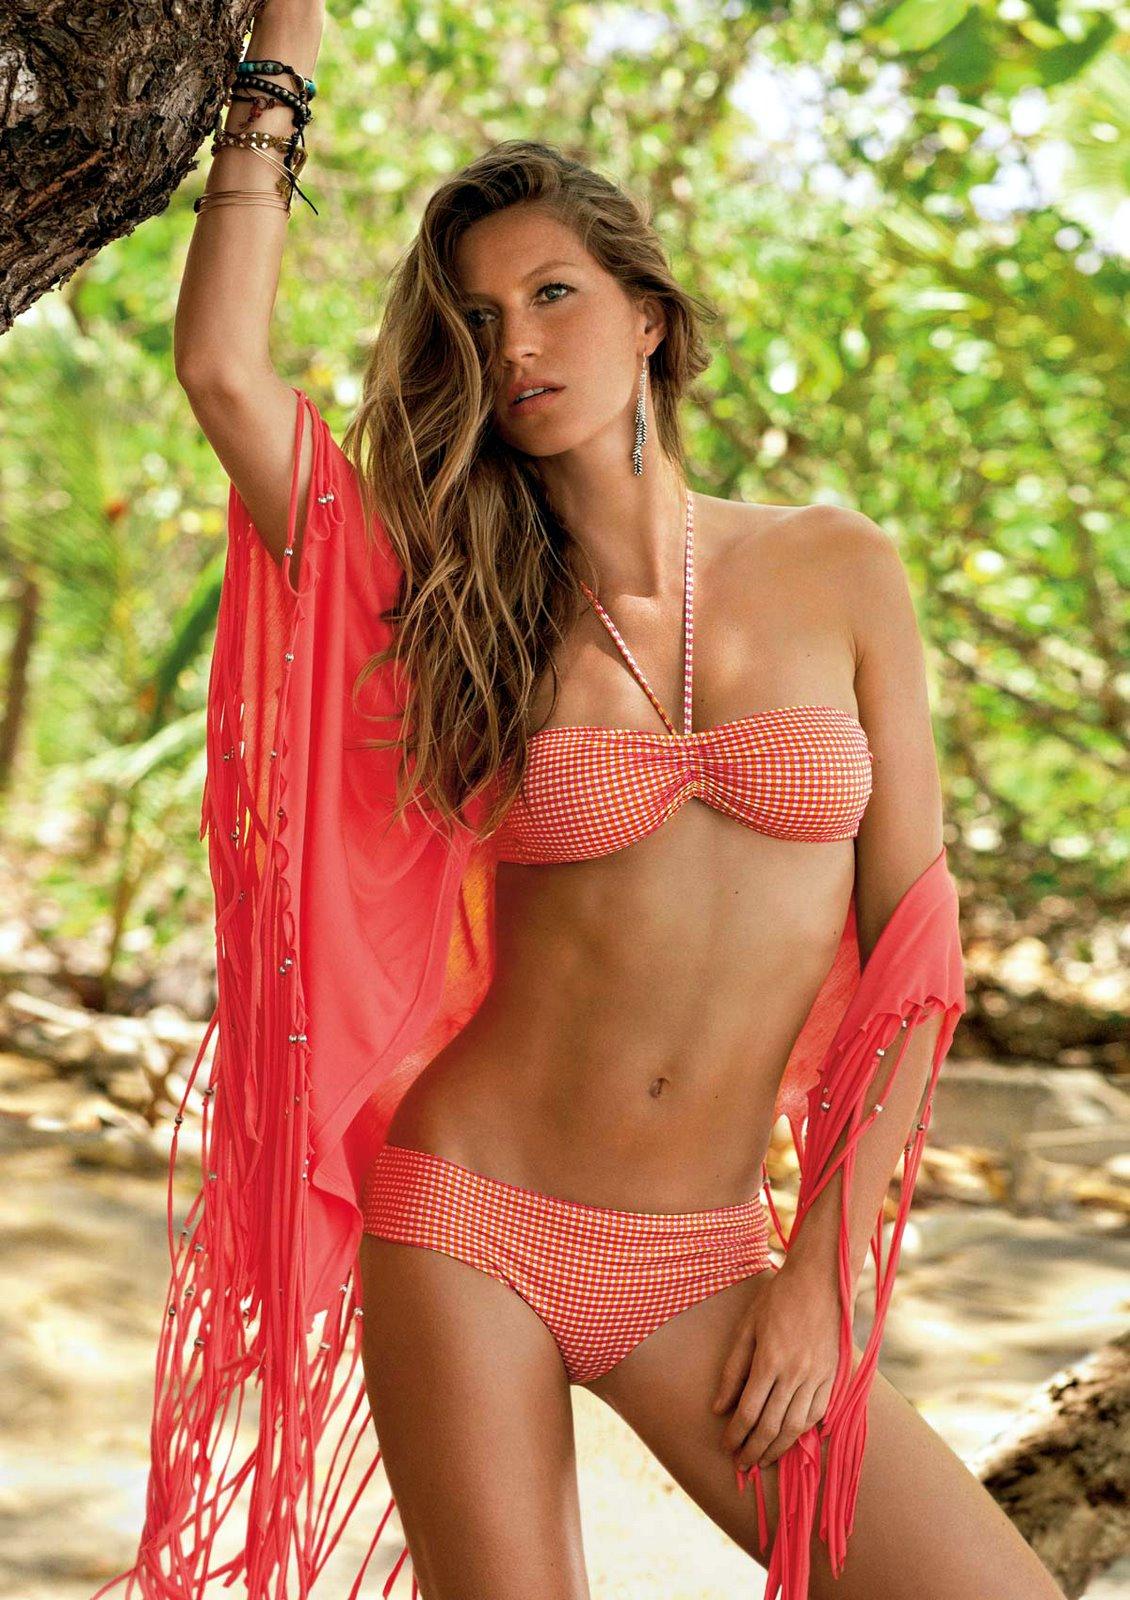 http://2.bp.blogspot.com/_xWe6Mfhdshk/TDSr7DILr1I/AAAAAAAAaF0/8N9svLCUTOs/s1600/Gisele_Bundchen_Bikini_100710001.jpg